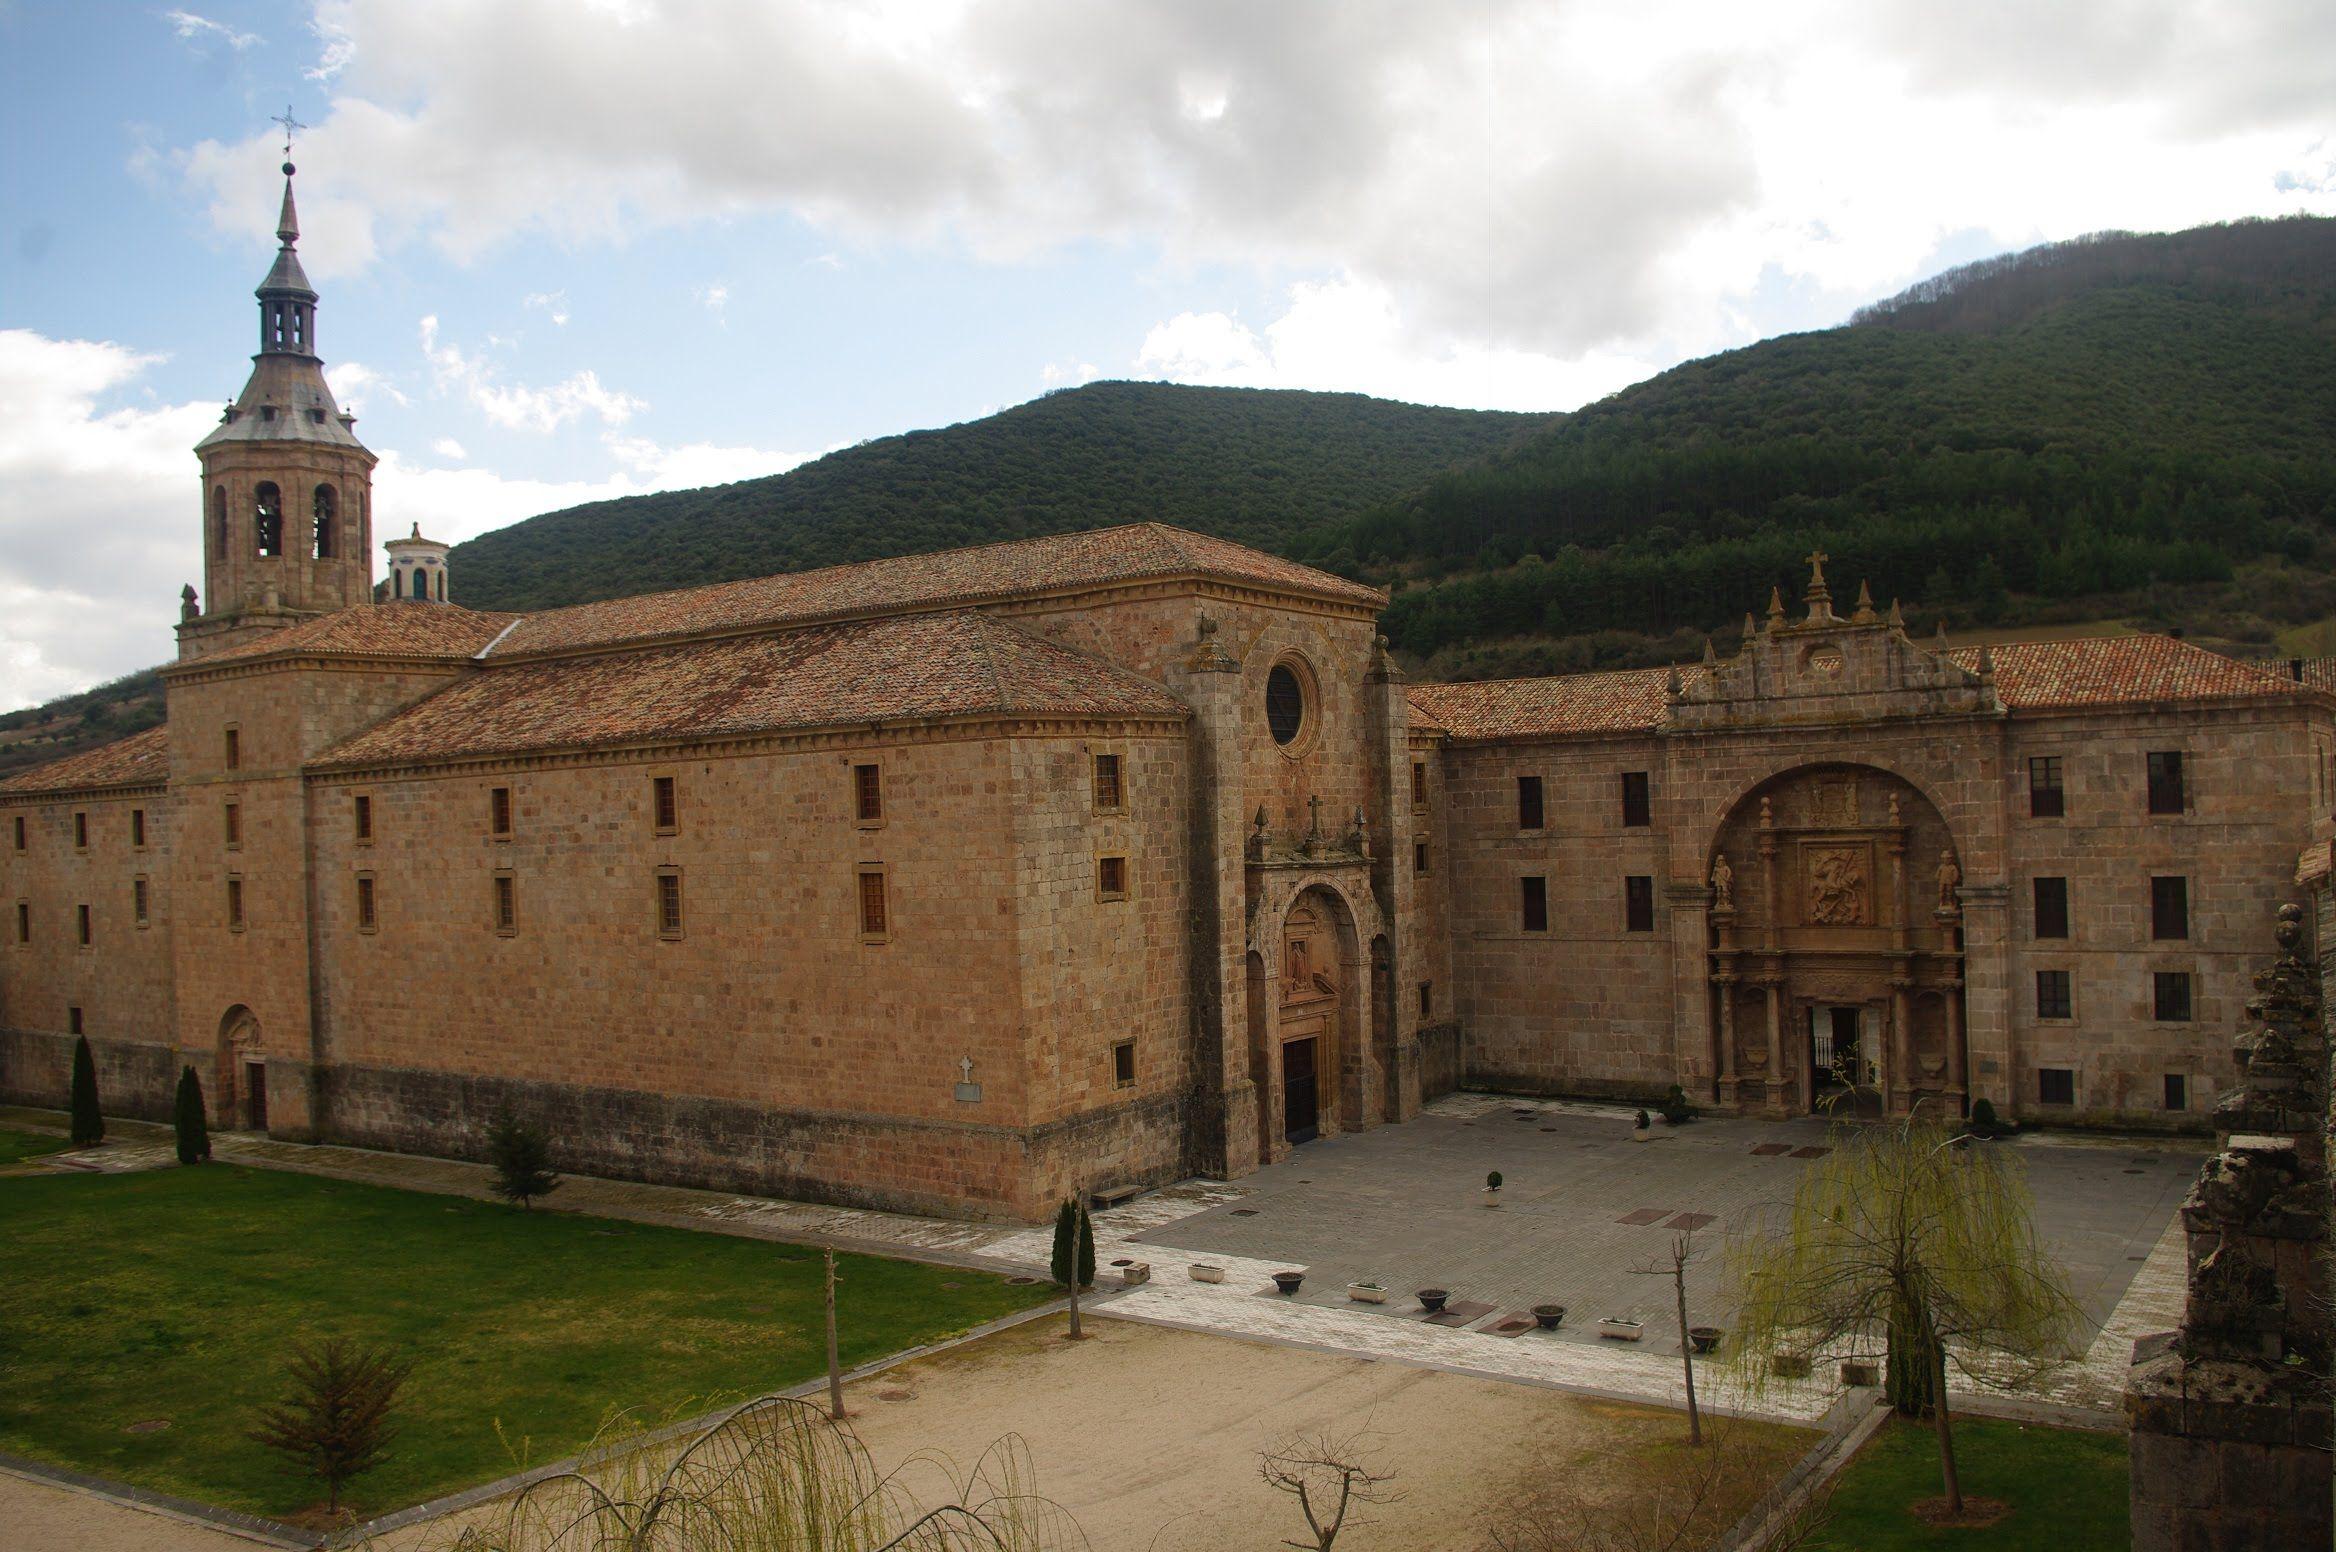 Fotos De La Rioja Monasterio San Millán De Yuso Monasterios Fotos Viajes